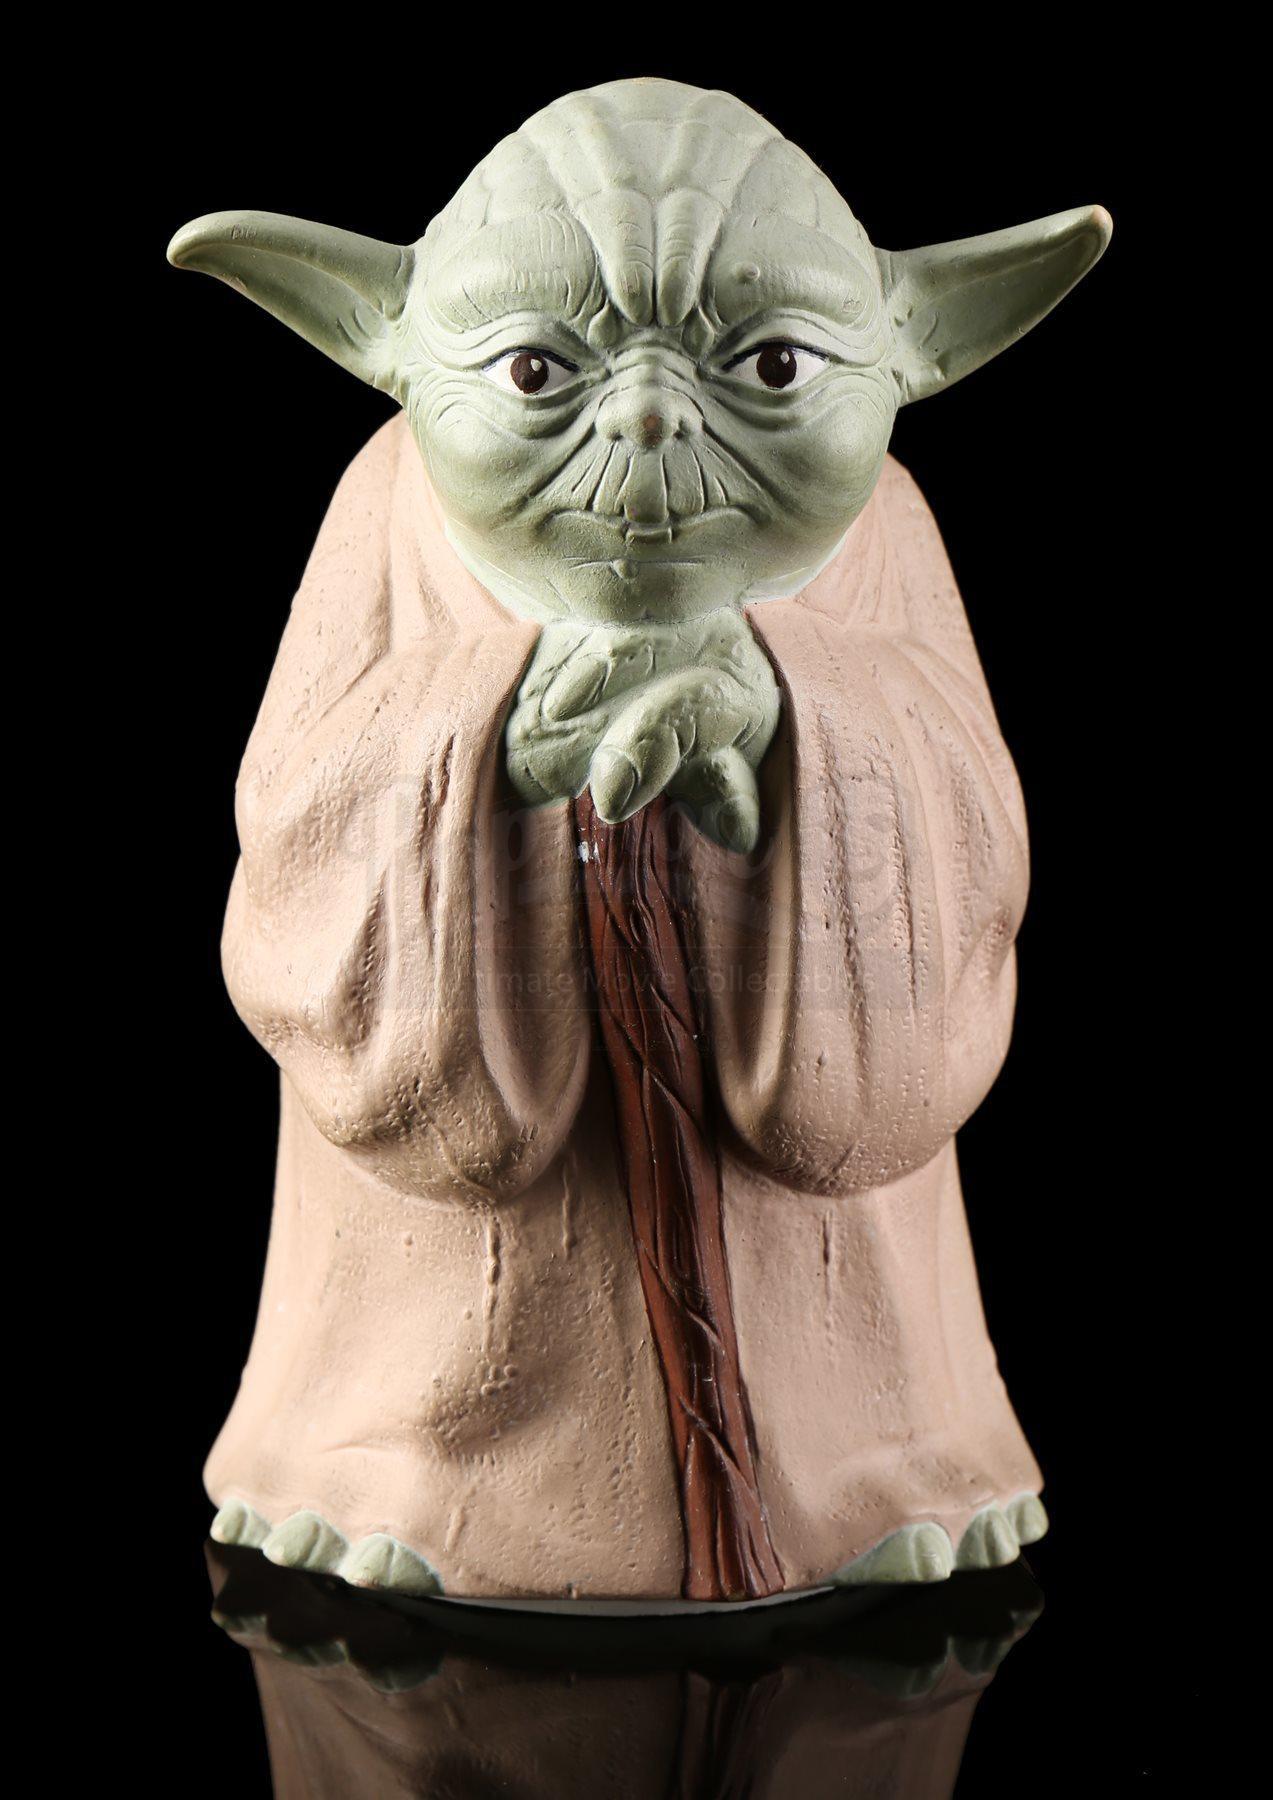 Lot # 142 - Yoda The Jedi Master Fortune Teller (Yoda 8-Ball